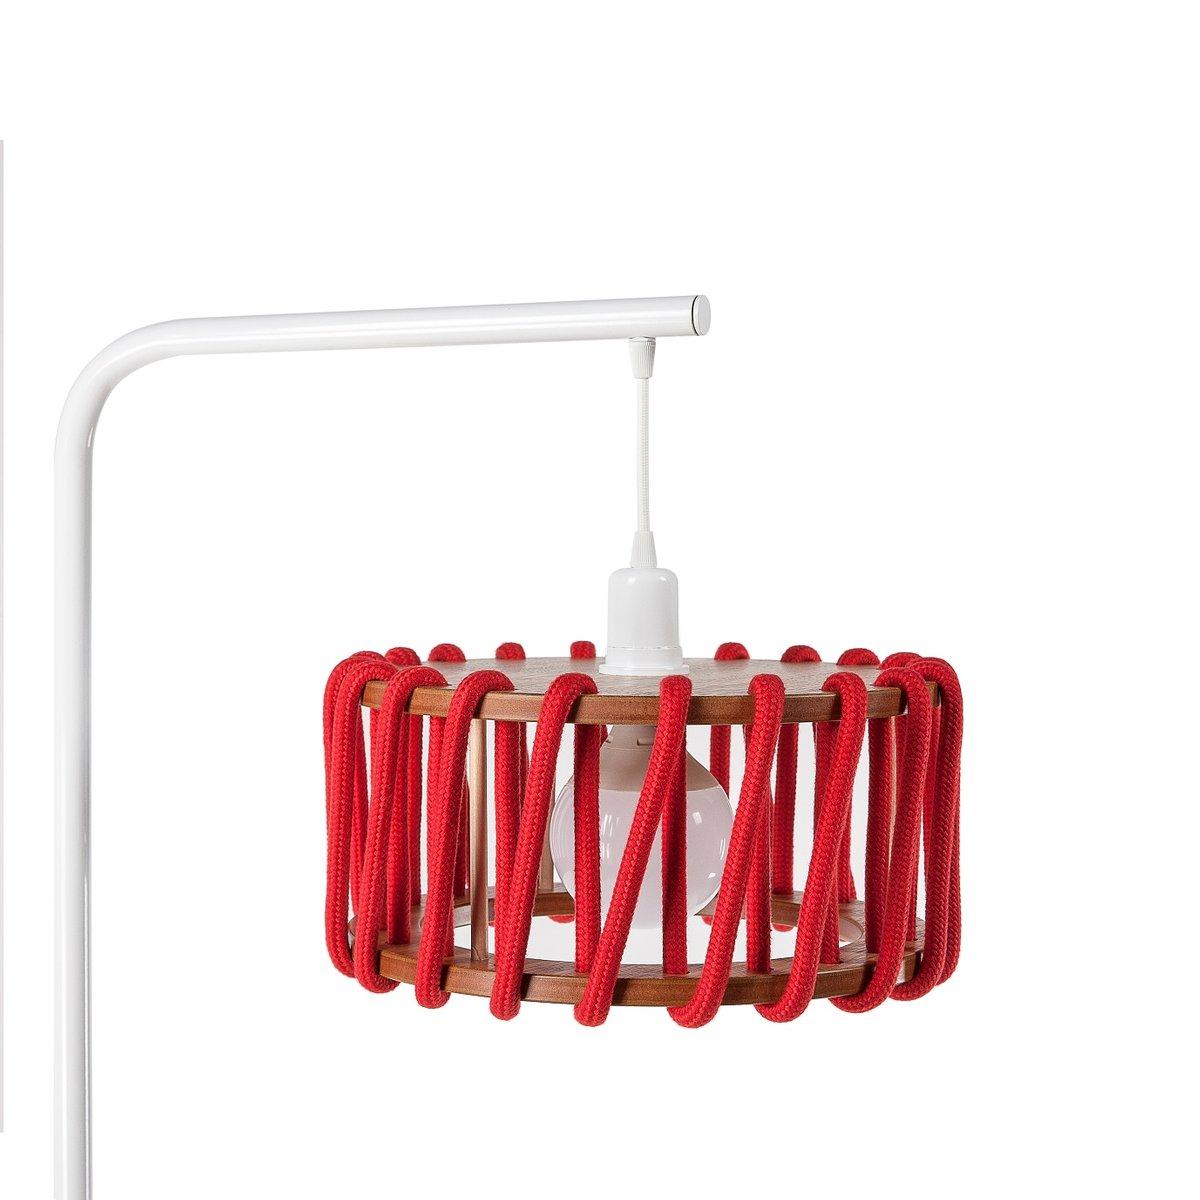 wei e macaron stehlampe mit kleinem roten schirm von silvia ce al f r emko bei pamono kaufen. Black Bedroom Furniture Sets. Home Design Ideas